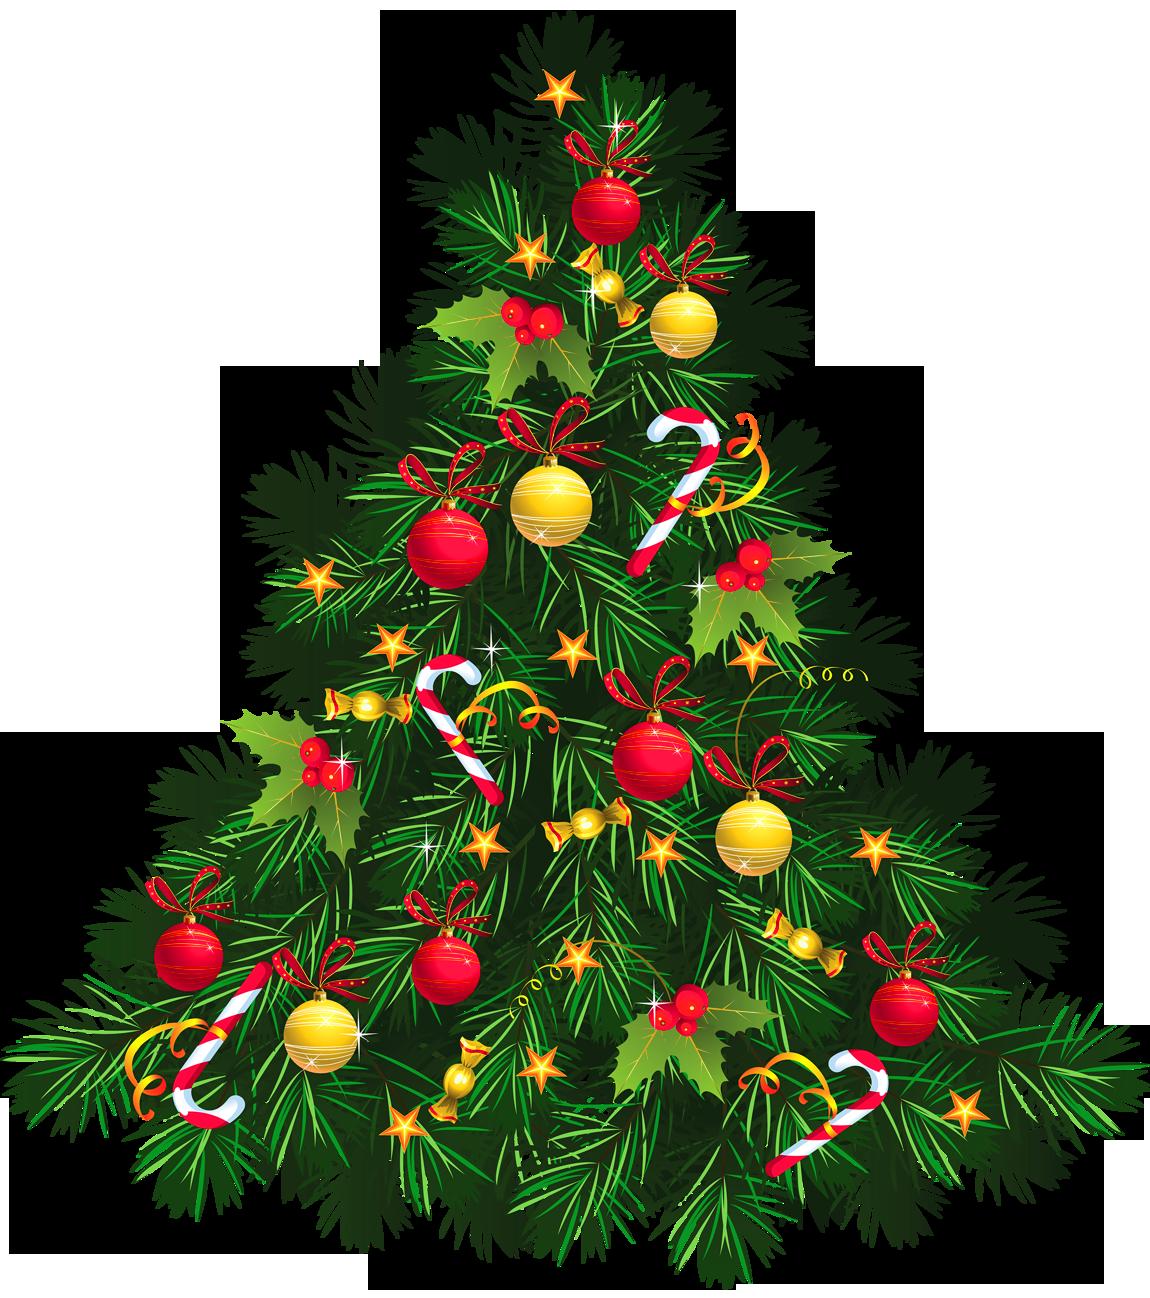 Christmas PNG - 25238